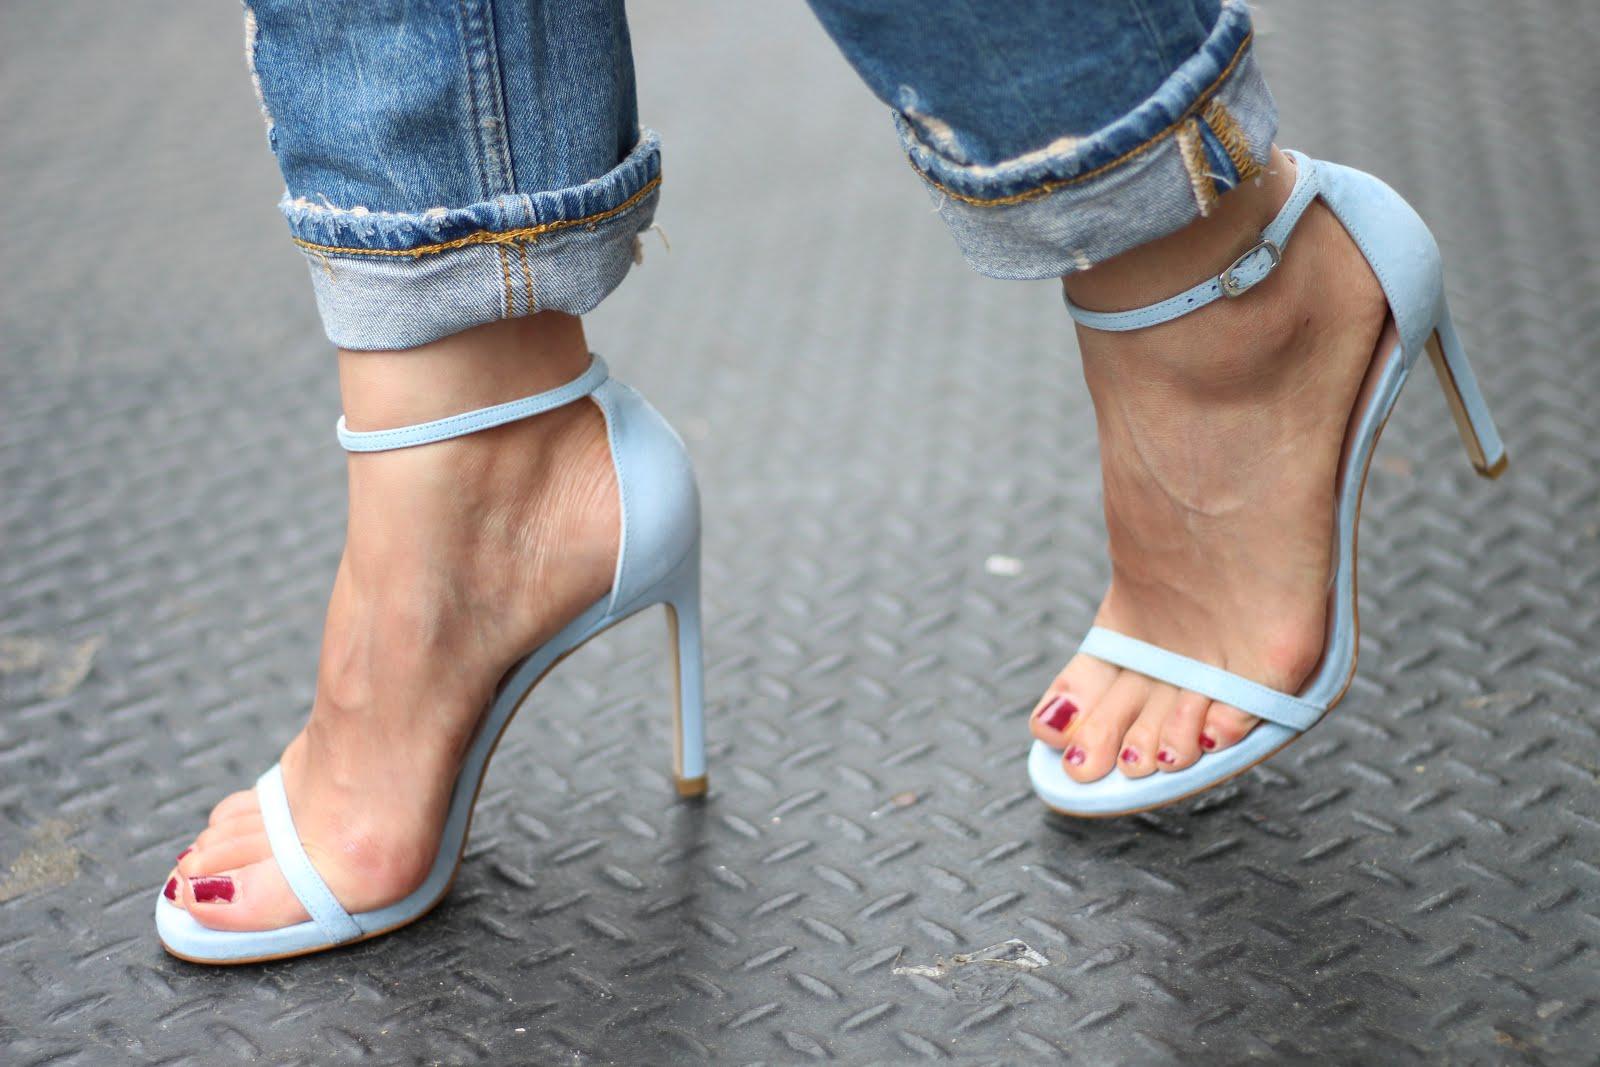 stuart weitzman nudistsong spring sandals